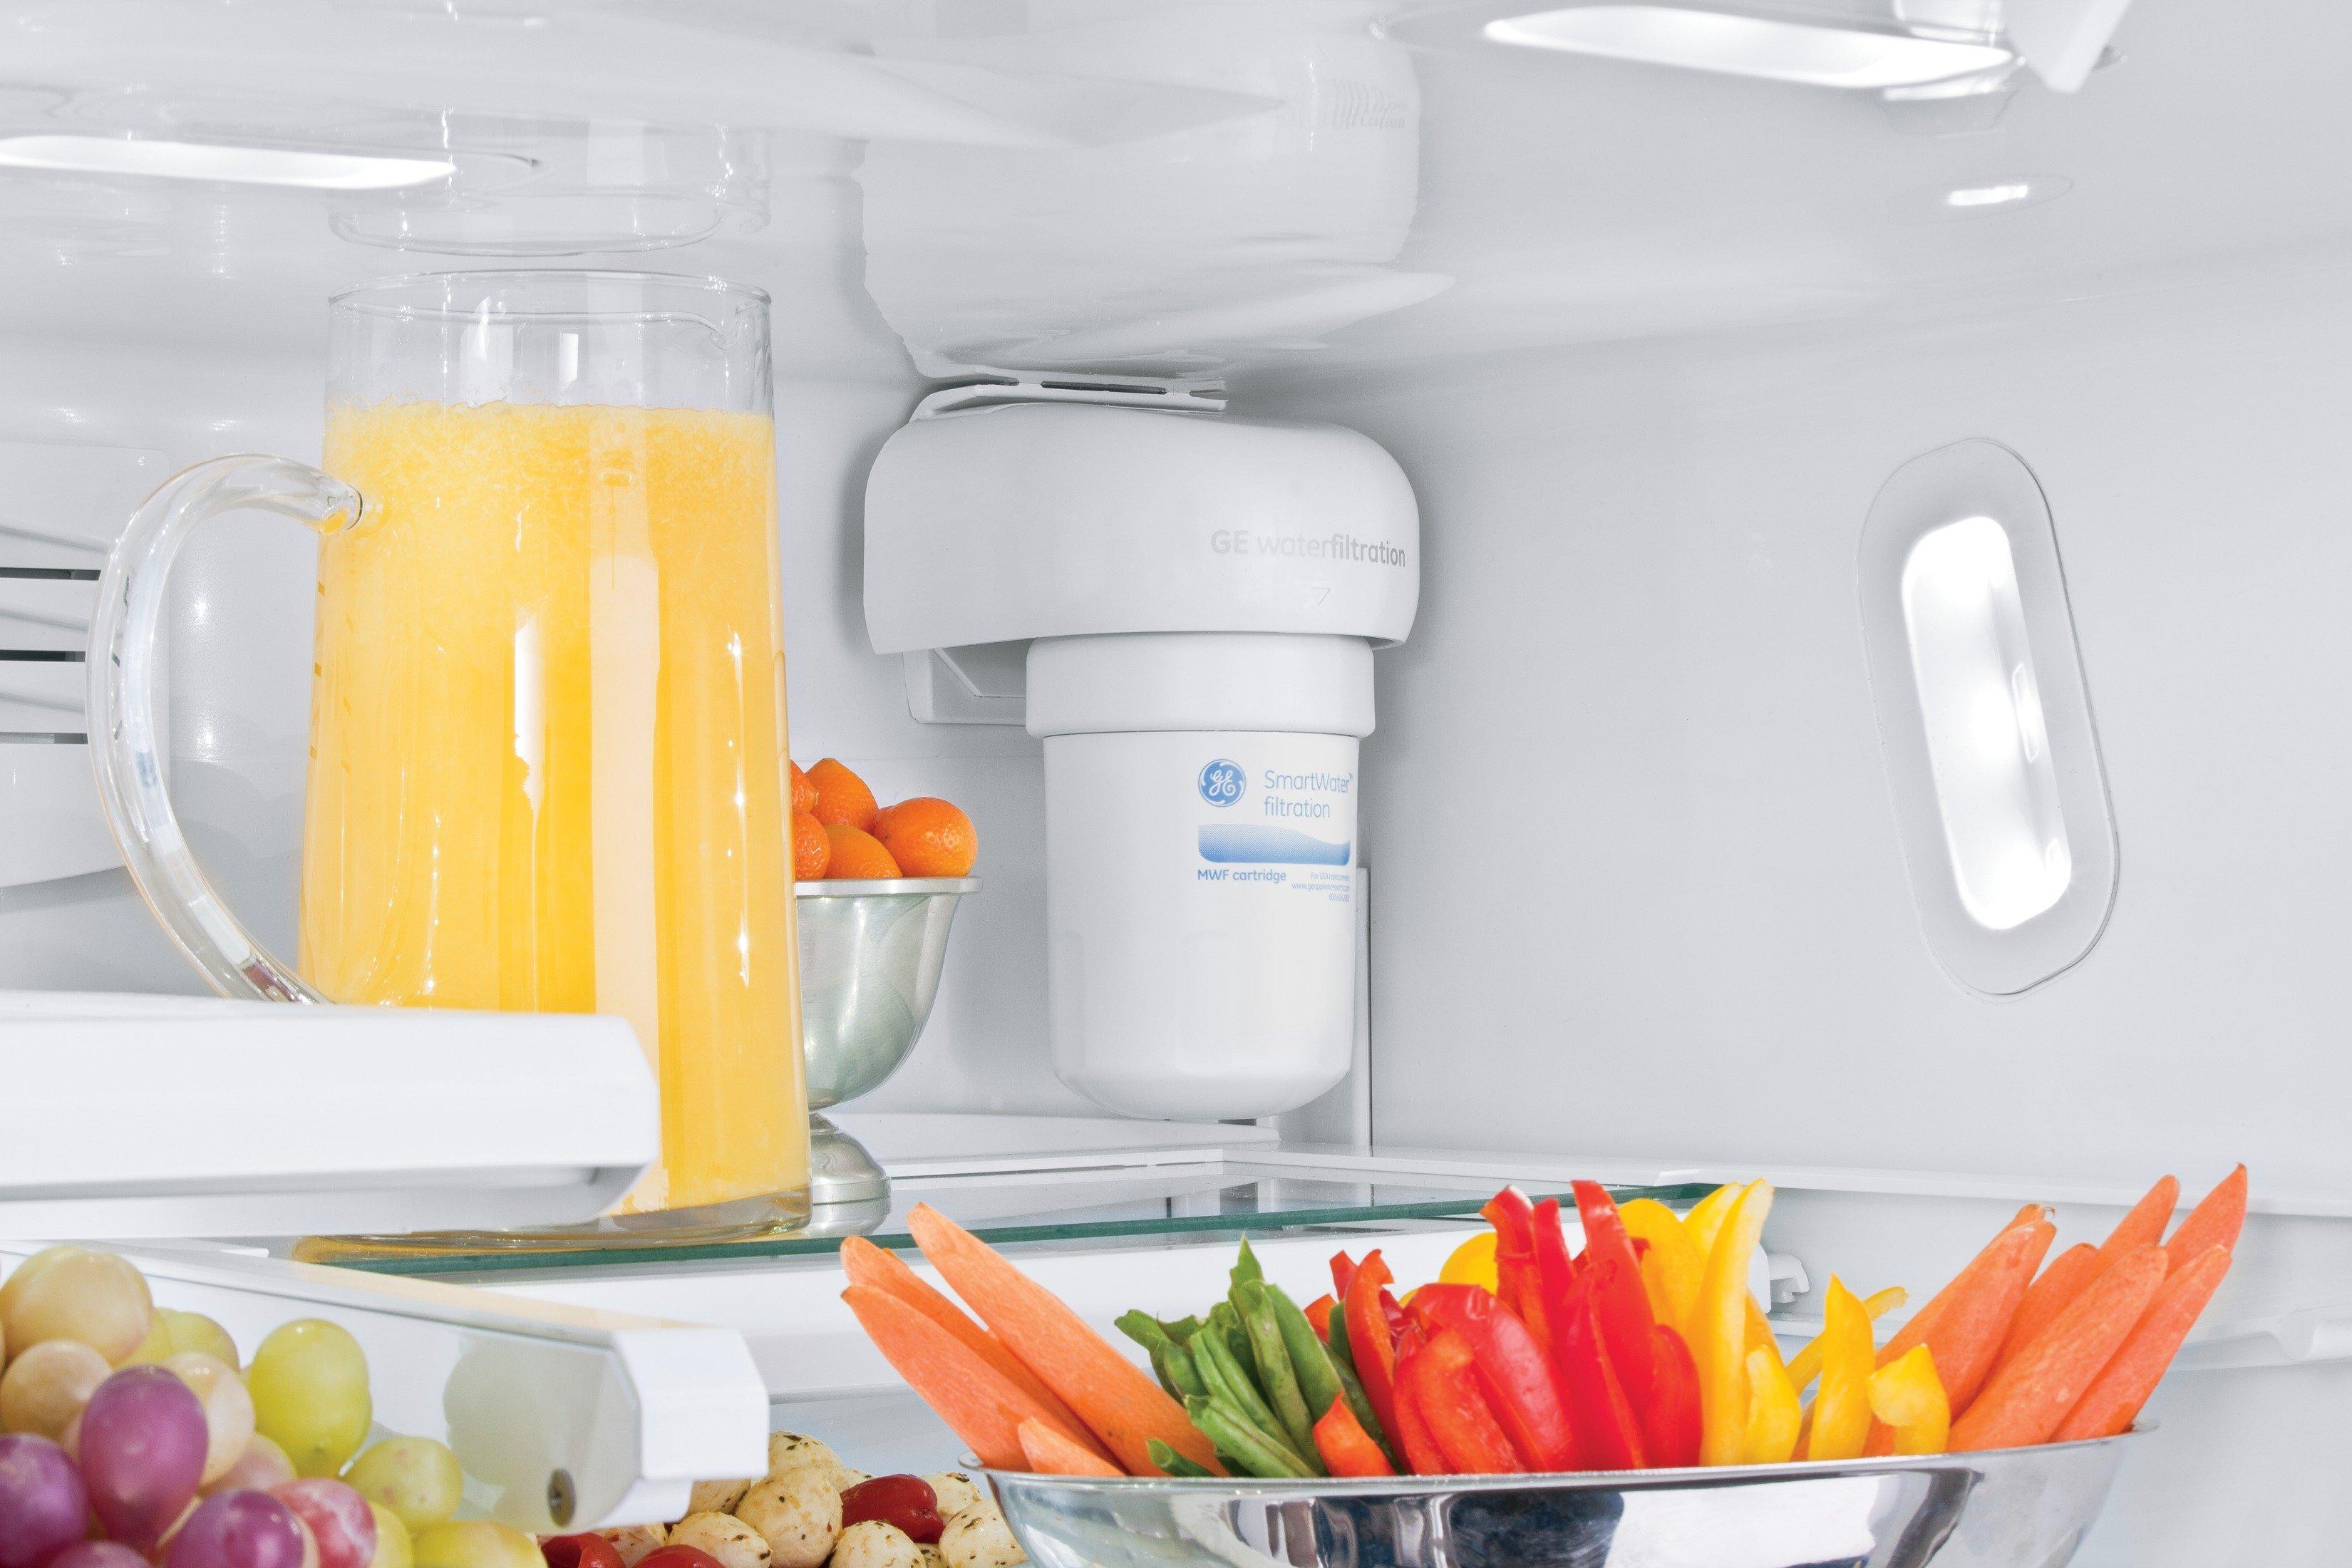 amazon - buzdolabı nasıl yerleştirilir?